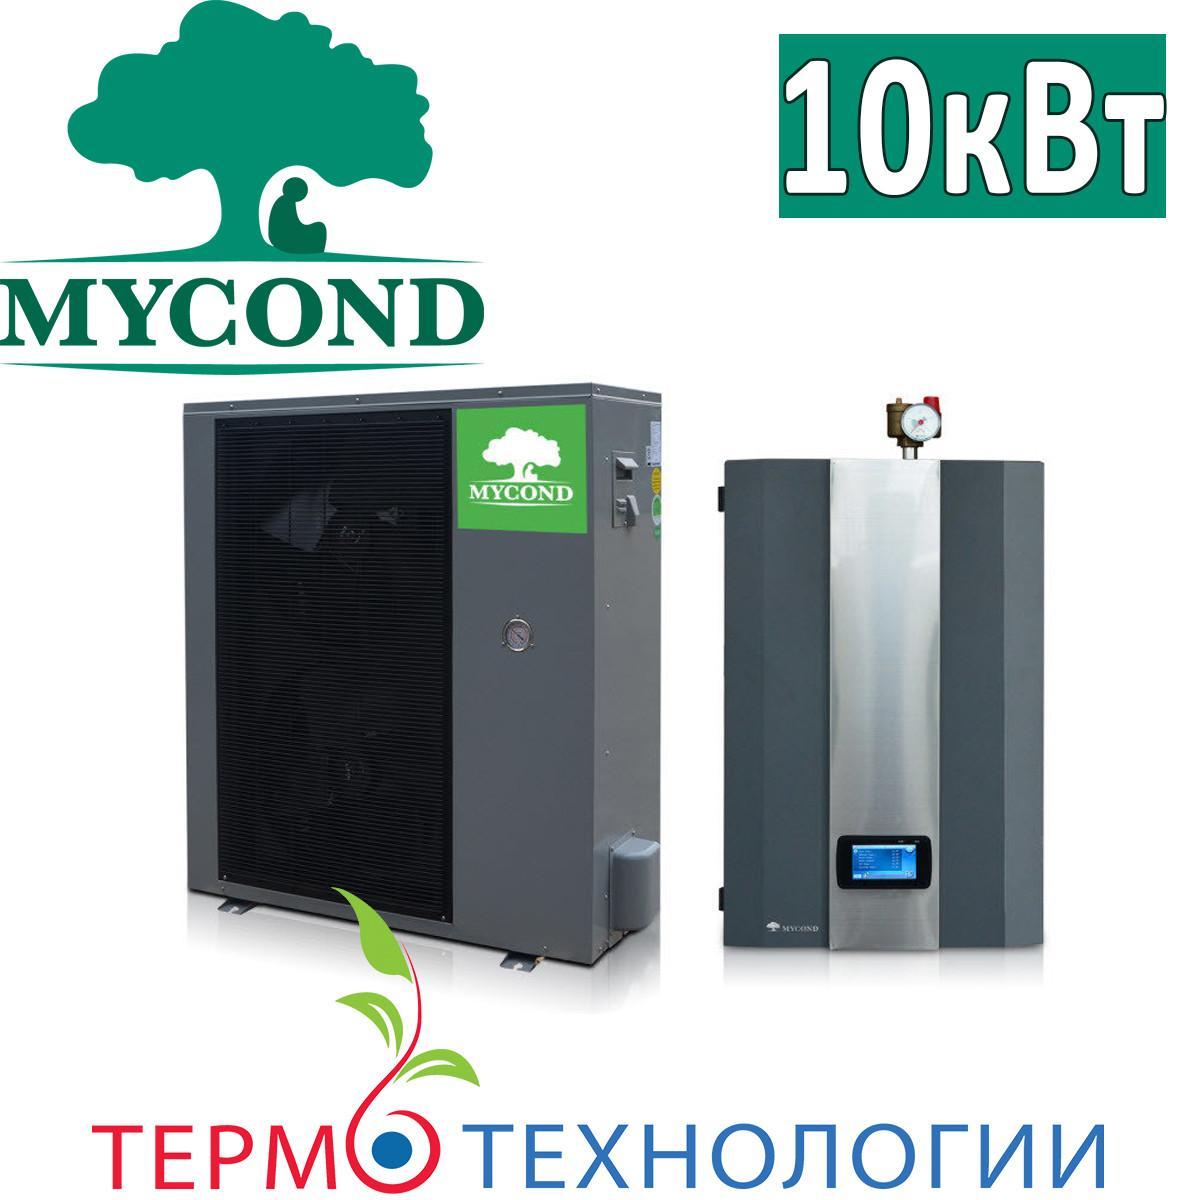 Тепловой насос воздух-вода MYCOND 10 кВт